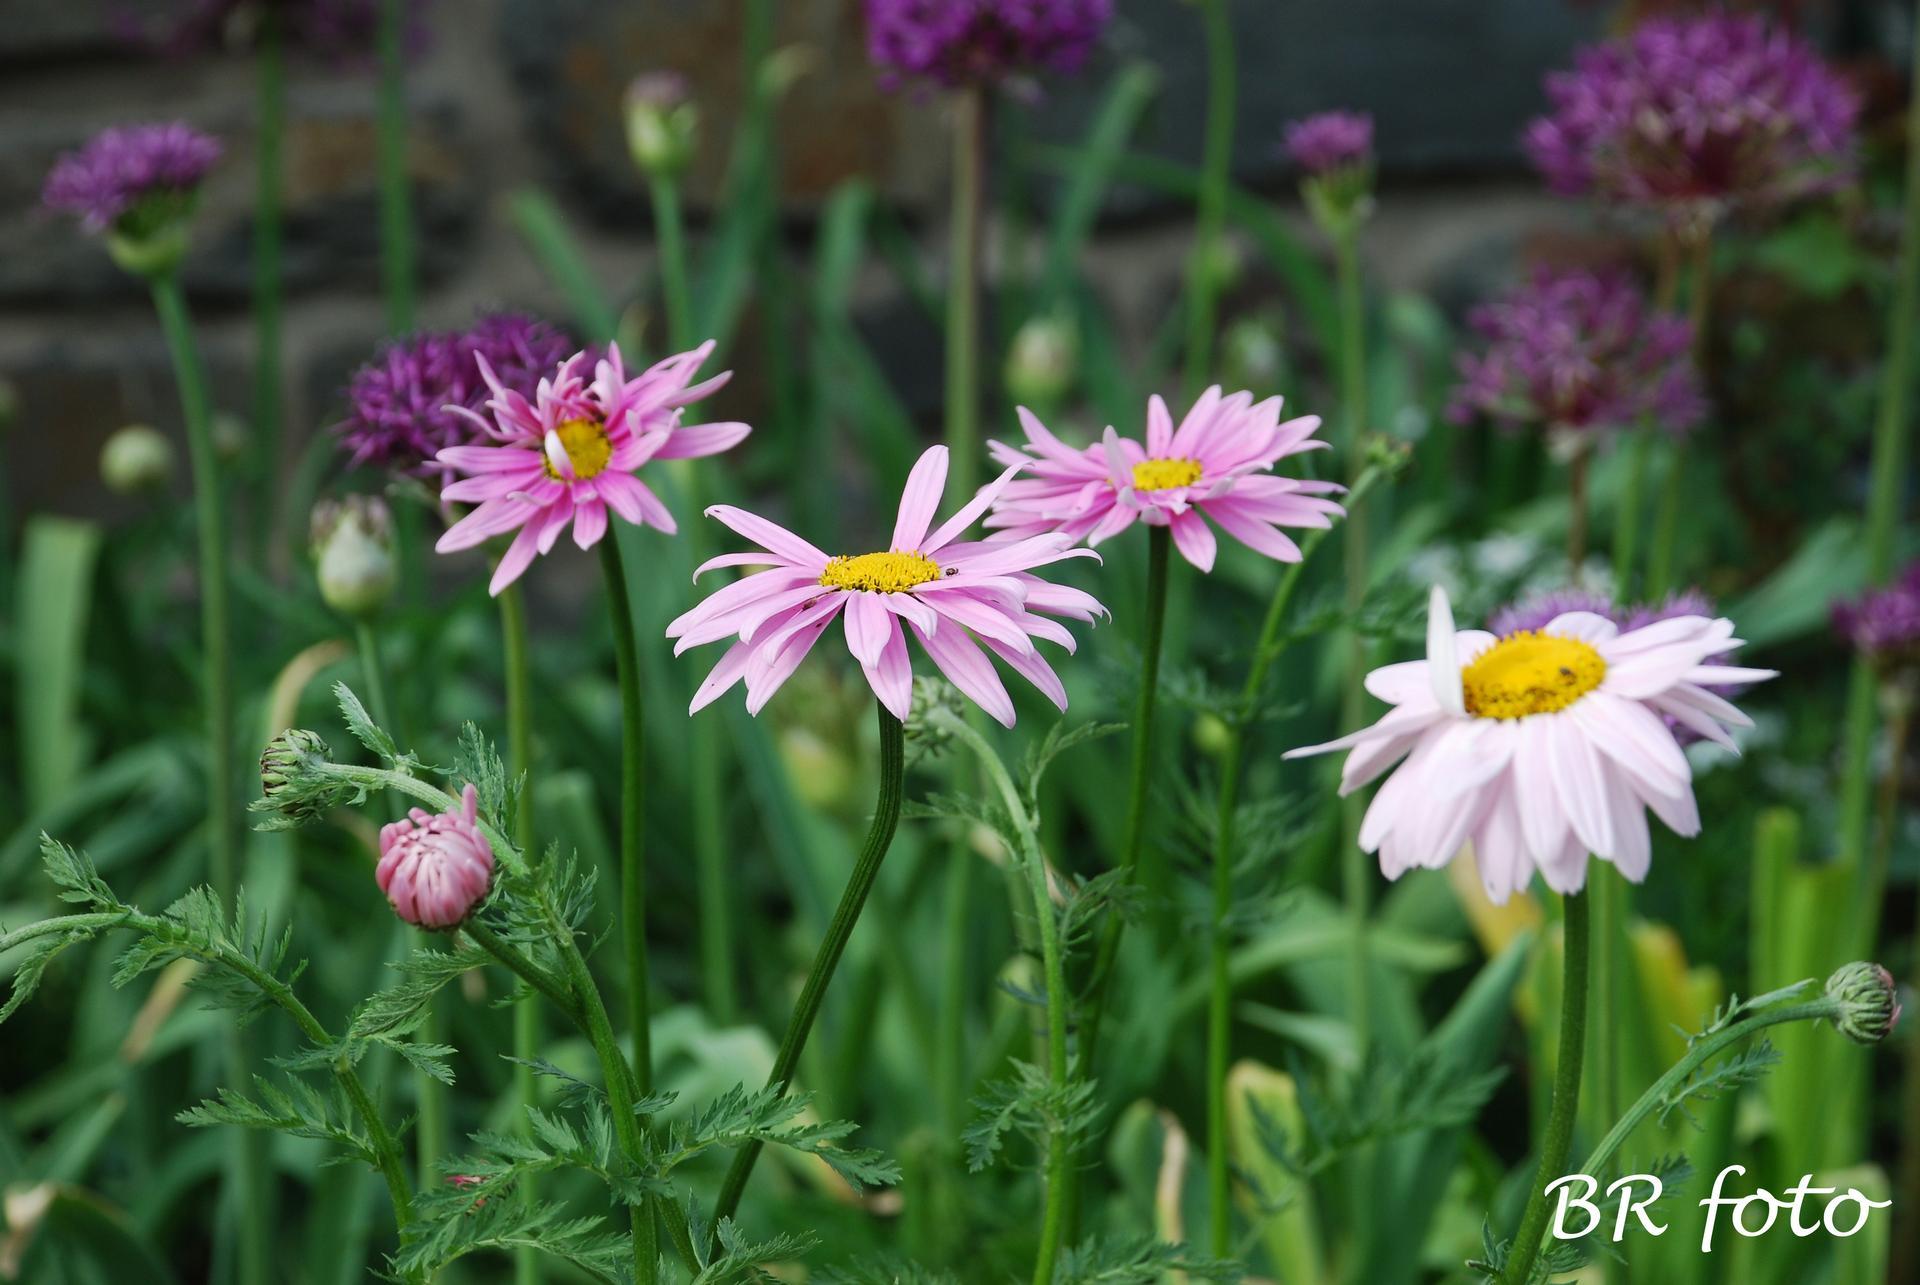 Kopretina řimbaba růžová - vděčná a nenáročná trvalka, vypěstovala jsem ze semínek, má mnoho odstínů růžové od světlounké po tmavou. Je vhodná do smíšených trvalkových záhonů. - Obrázek č. 3